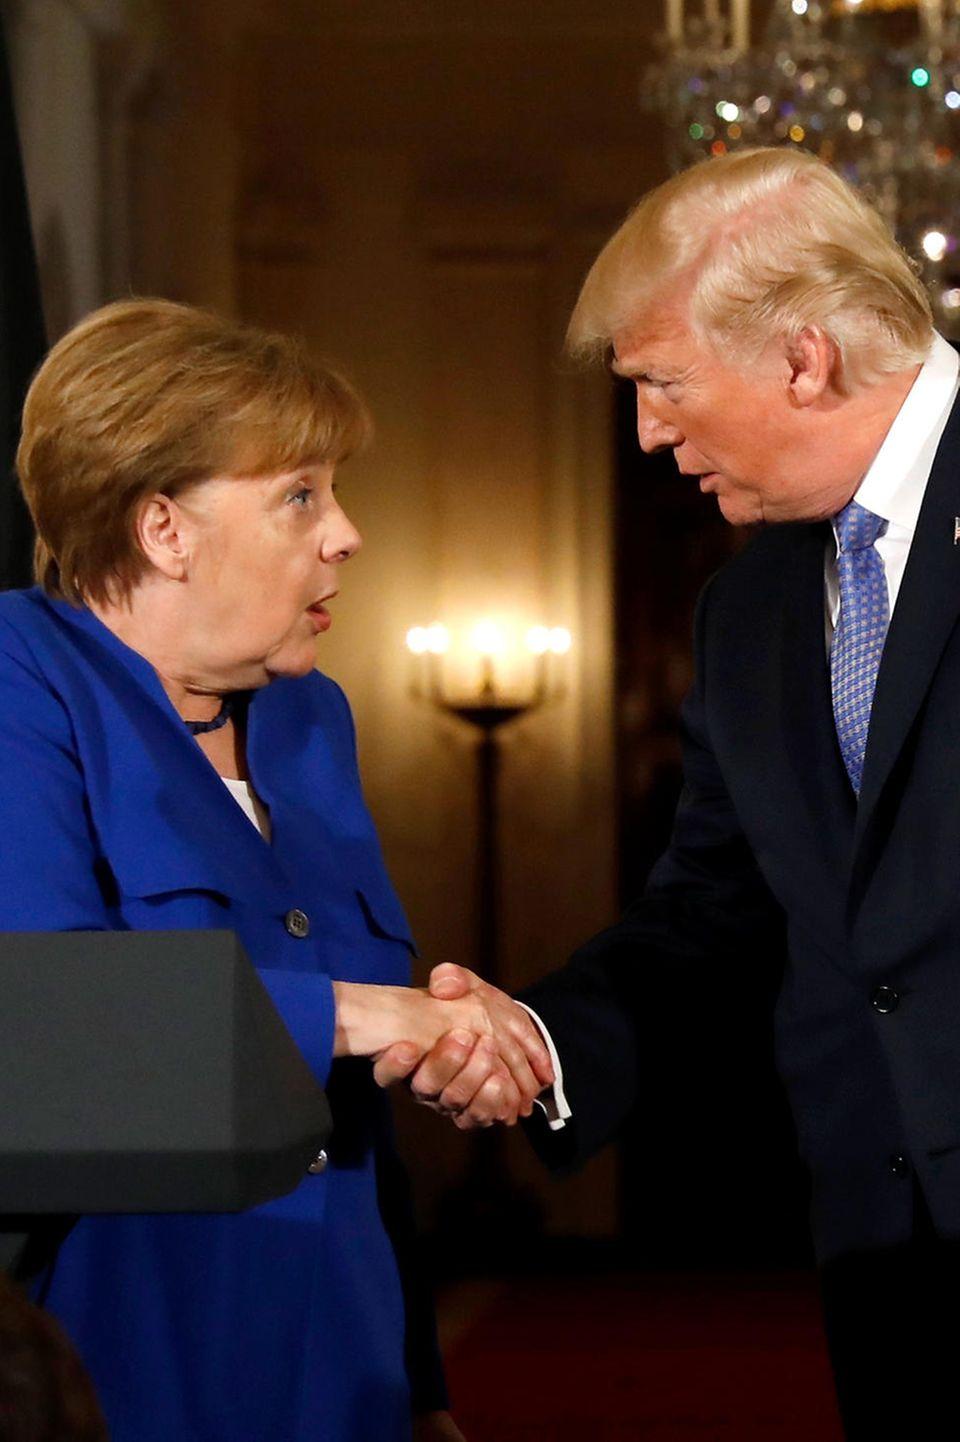 27. April 2018  Bei derPressekonferenz im Weißen Haus schütteln sich Angela Merkel und Donald Trump die Hände. Die Kanzlerin guckt dabei etwas irritiert.